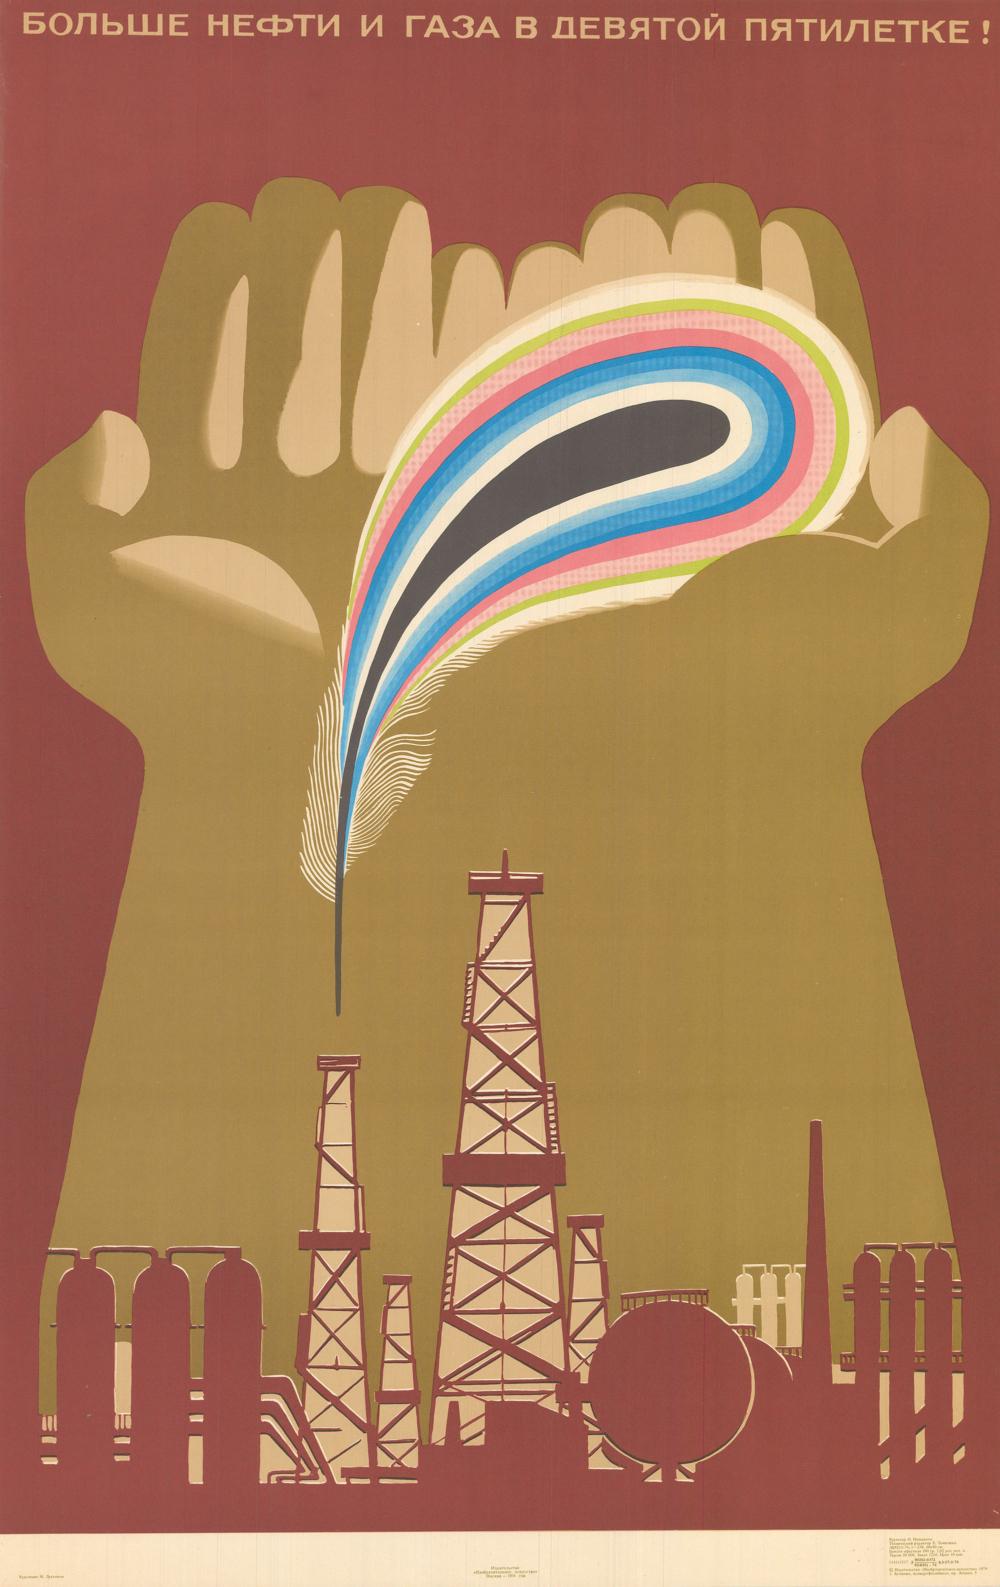 Плакат «Больше нефти и газа в девятой пятилетке!»